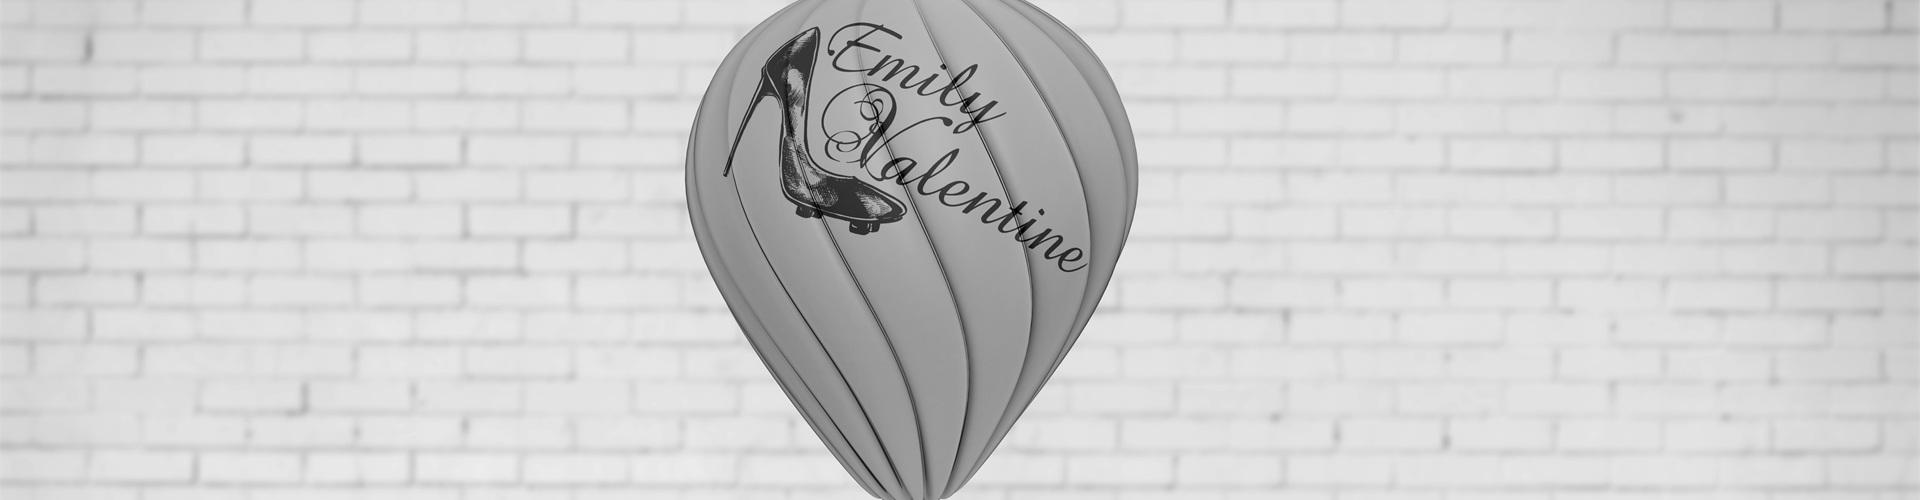 Ballon publicitaire Rennes